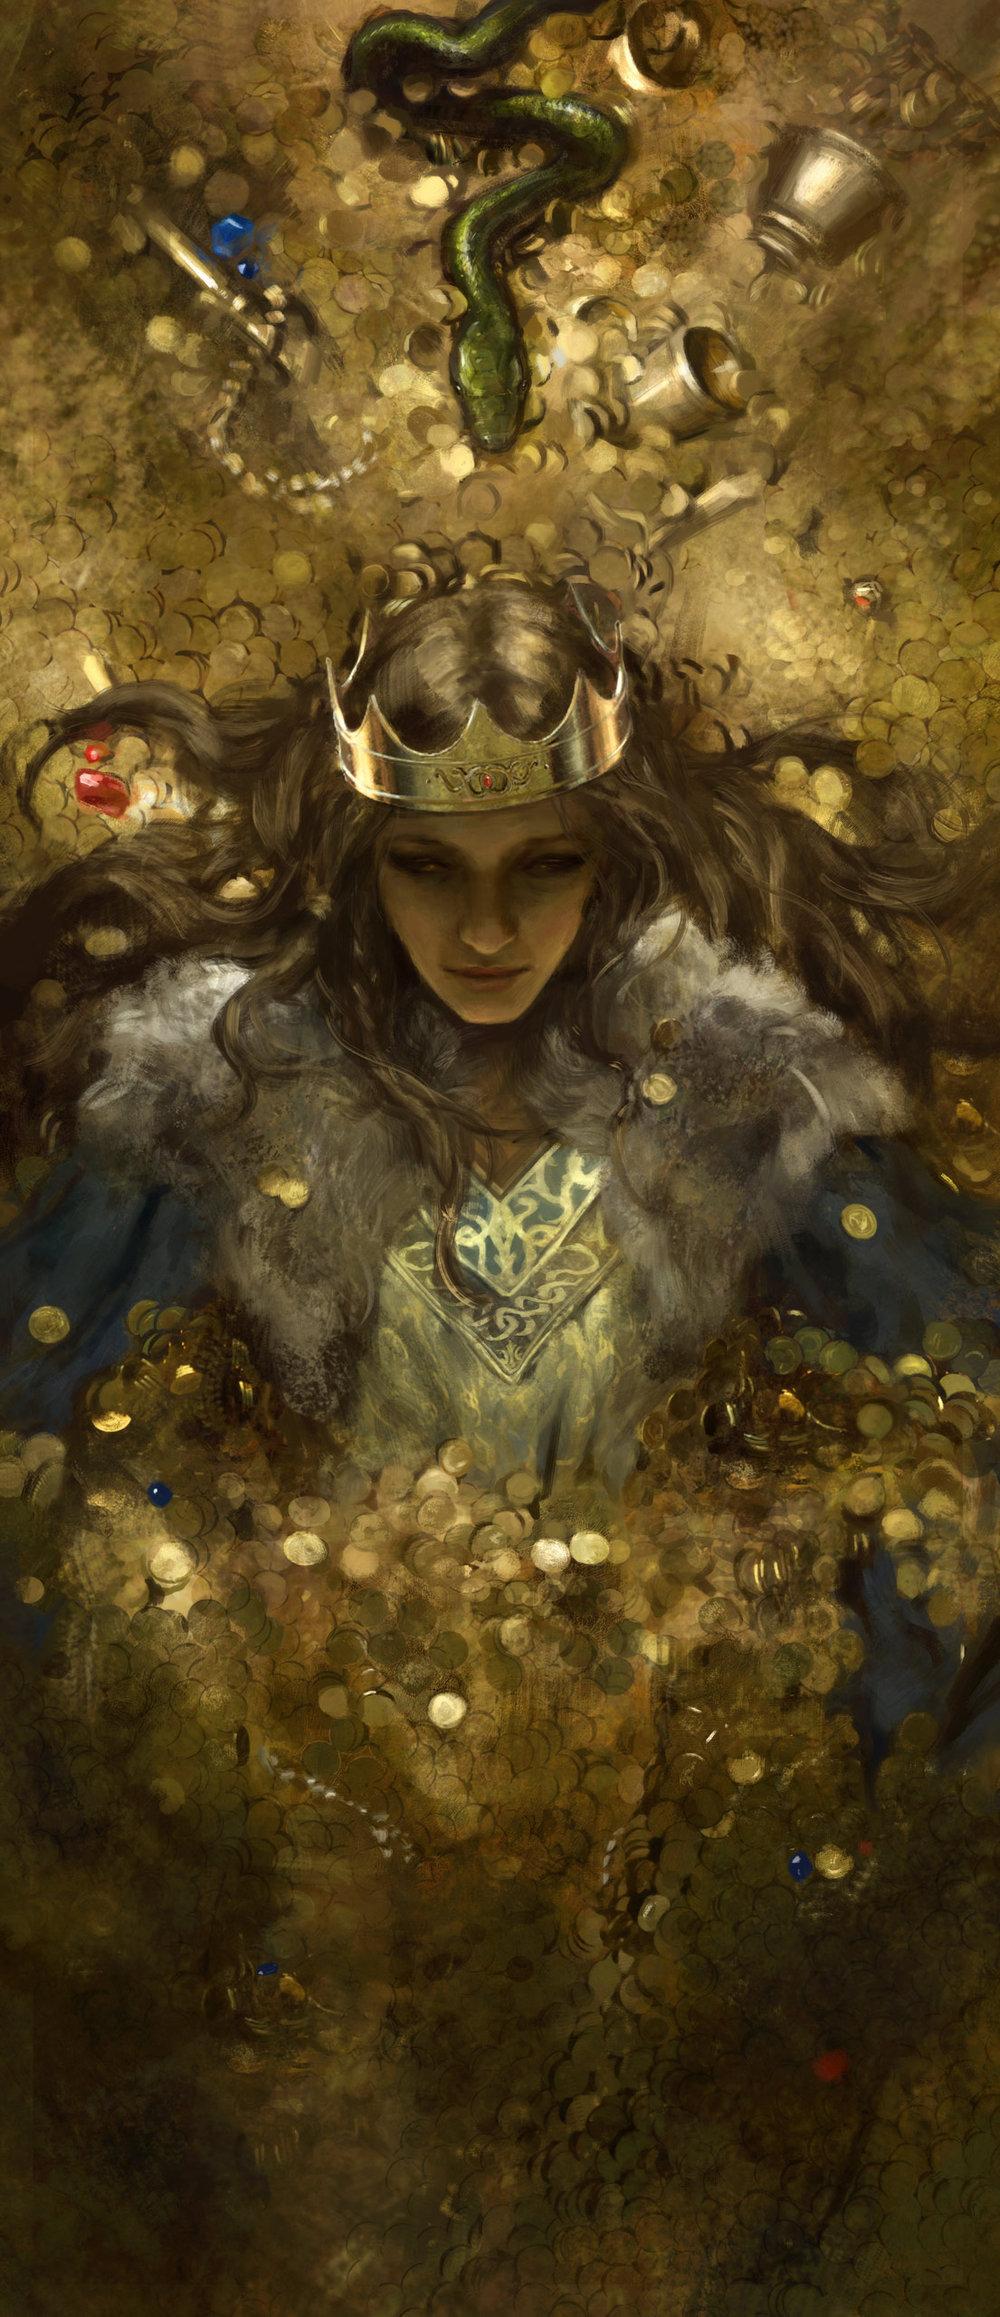 09_CrownSnake_rev1_f.jpg